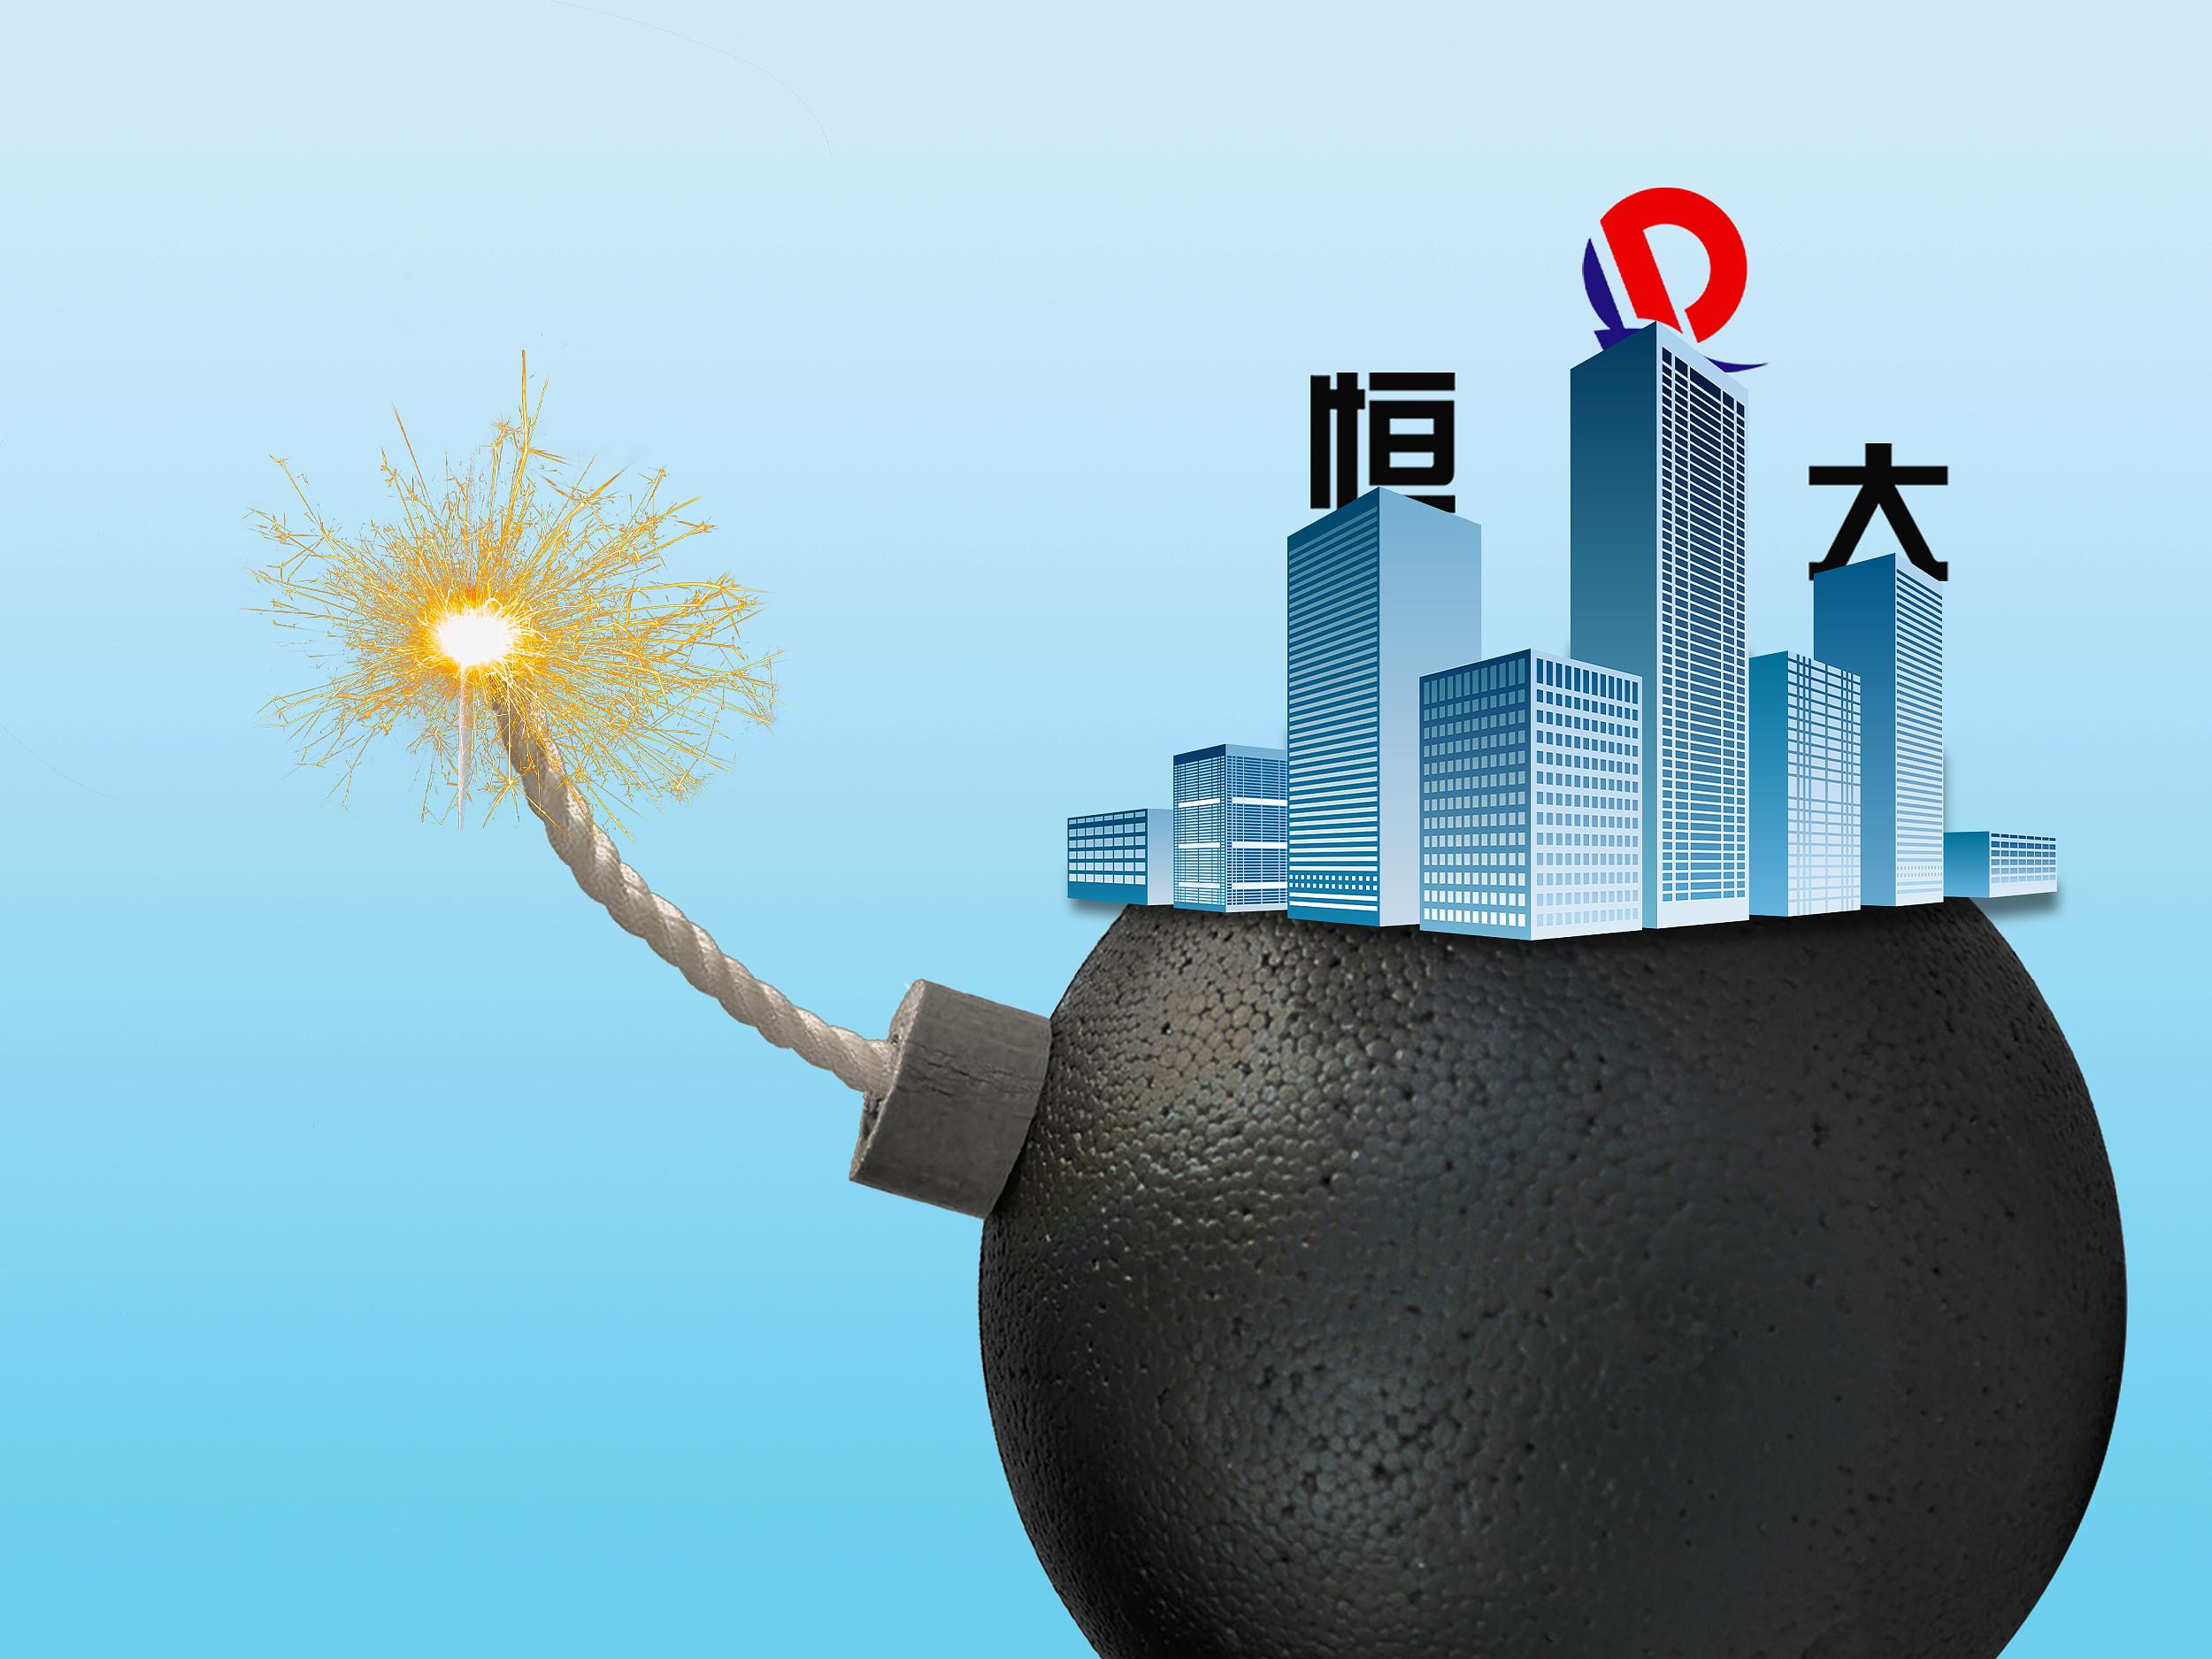 开始卖卖卖?中国恒大行动,出售百亿资产,市值半年多蒸发万亿